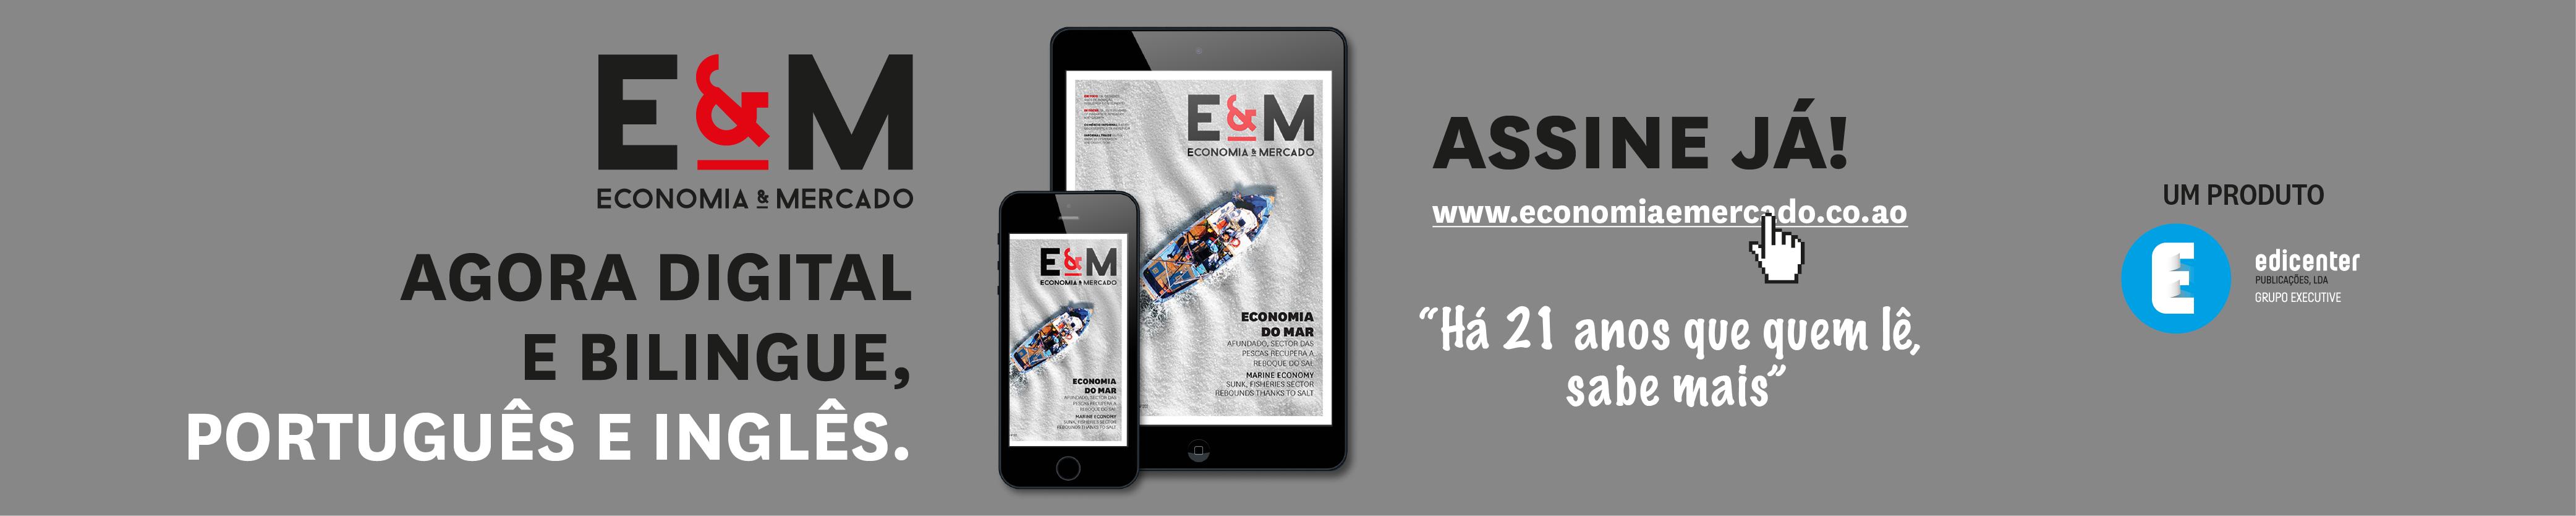 Assine a Revista Digital - Economia & Mercado